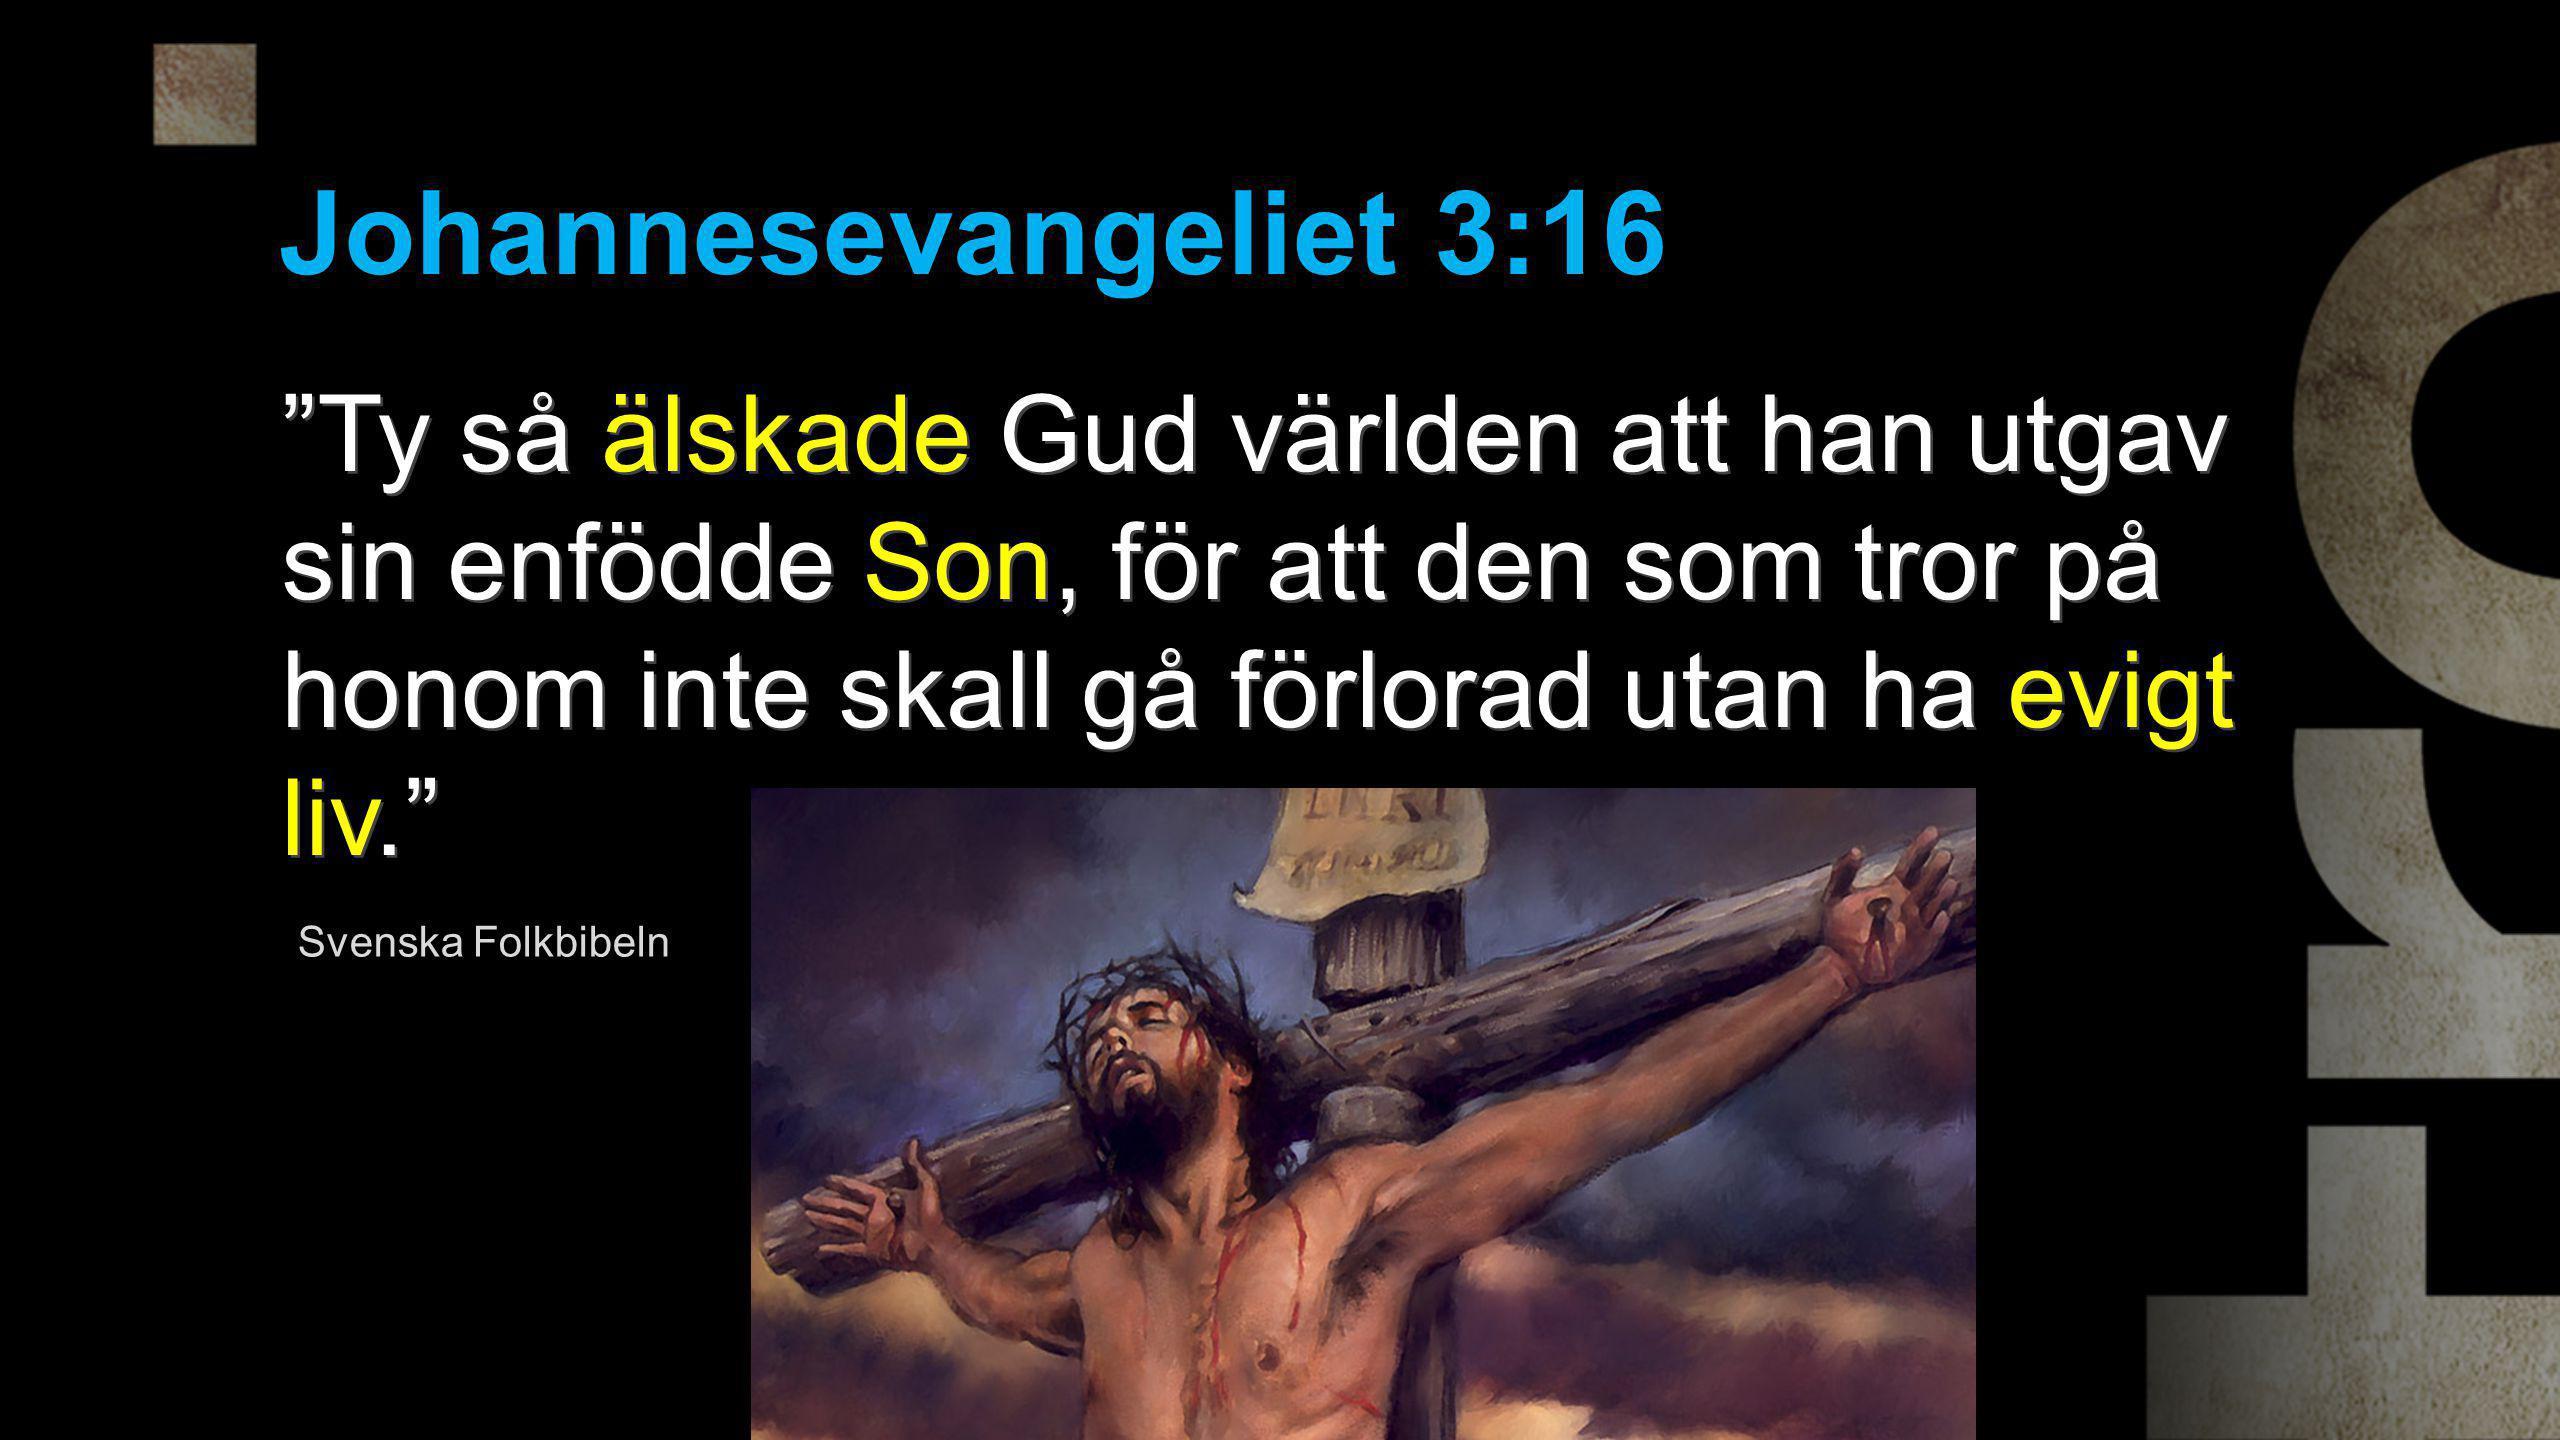 Johannesevangeliet 3:16 Ty så älskade Gud världen att han utgav sin enfödde Son, för att den som tror på honom inte skall gå förlorad utan ha evigt liv. Svenska Folkbibeln